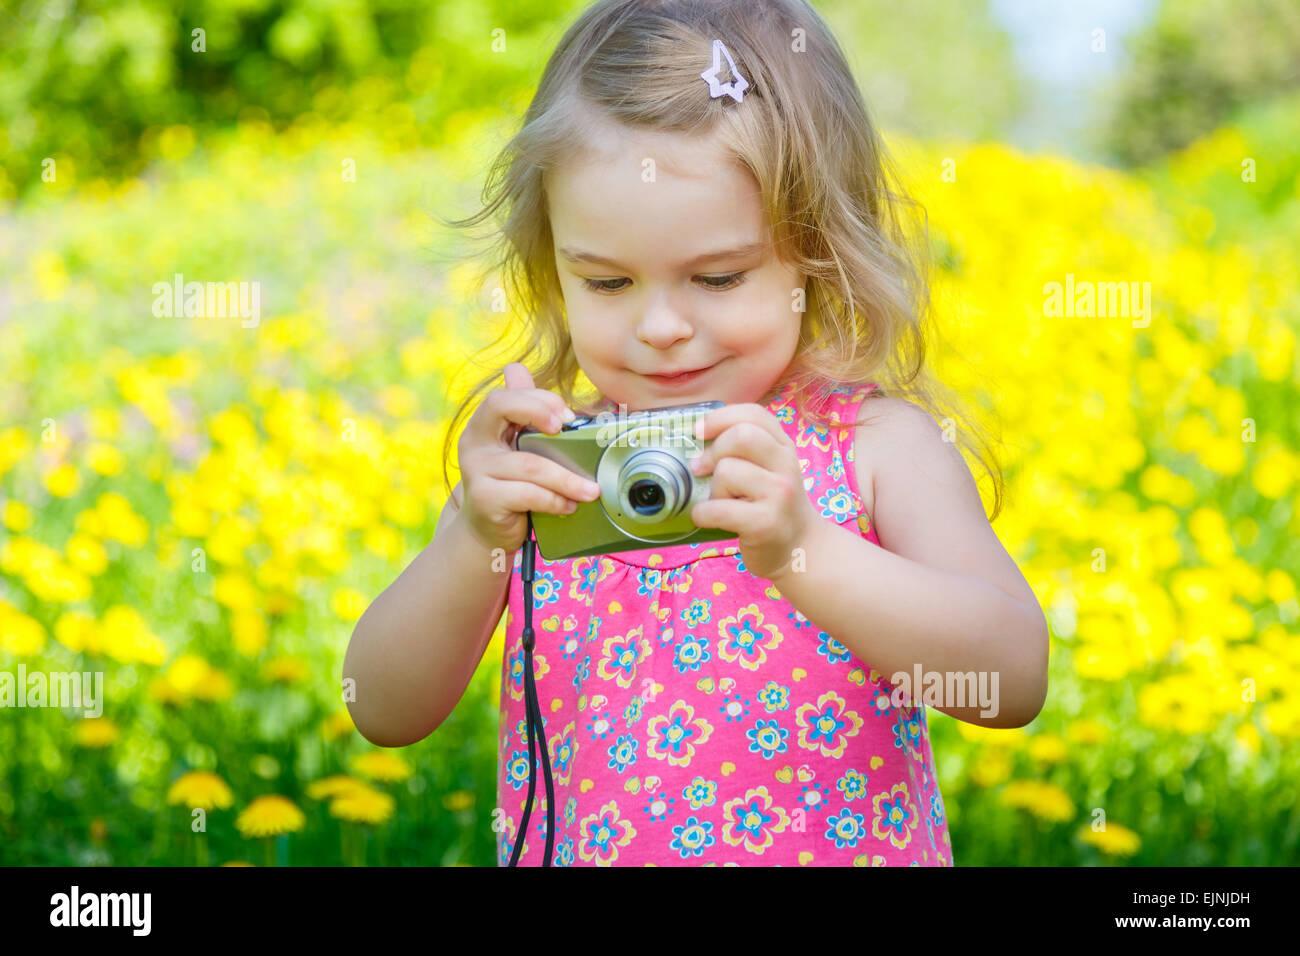 Kleines Mädchen fotografieren auf einer Wiese Stockbild